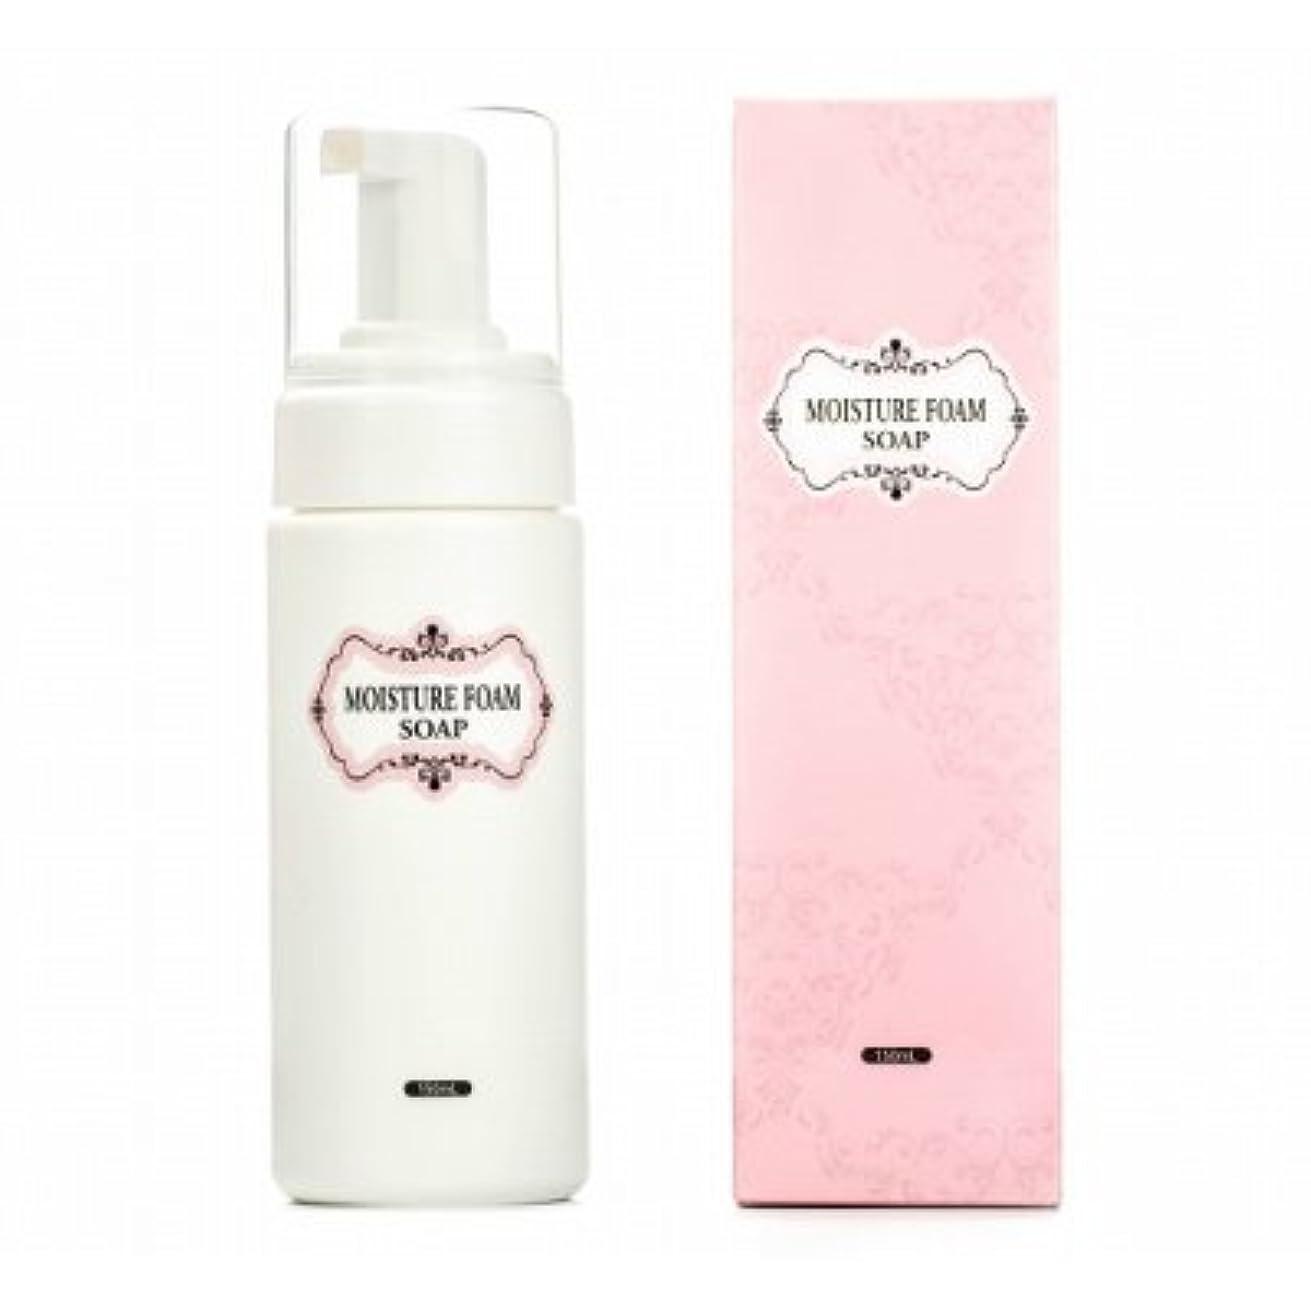 モニカ種粗いMOISTURE FOAM SOAP(モイスチャーフォームソープ) 150ml